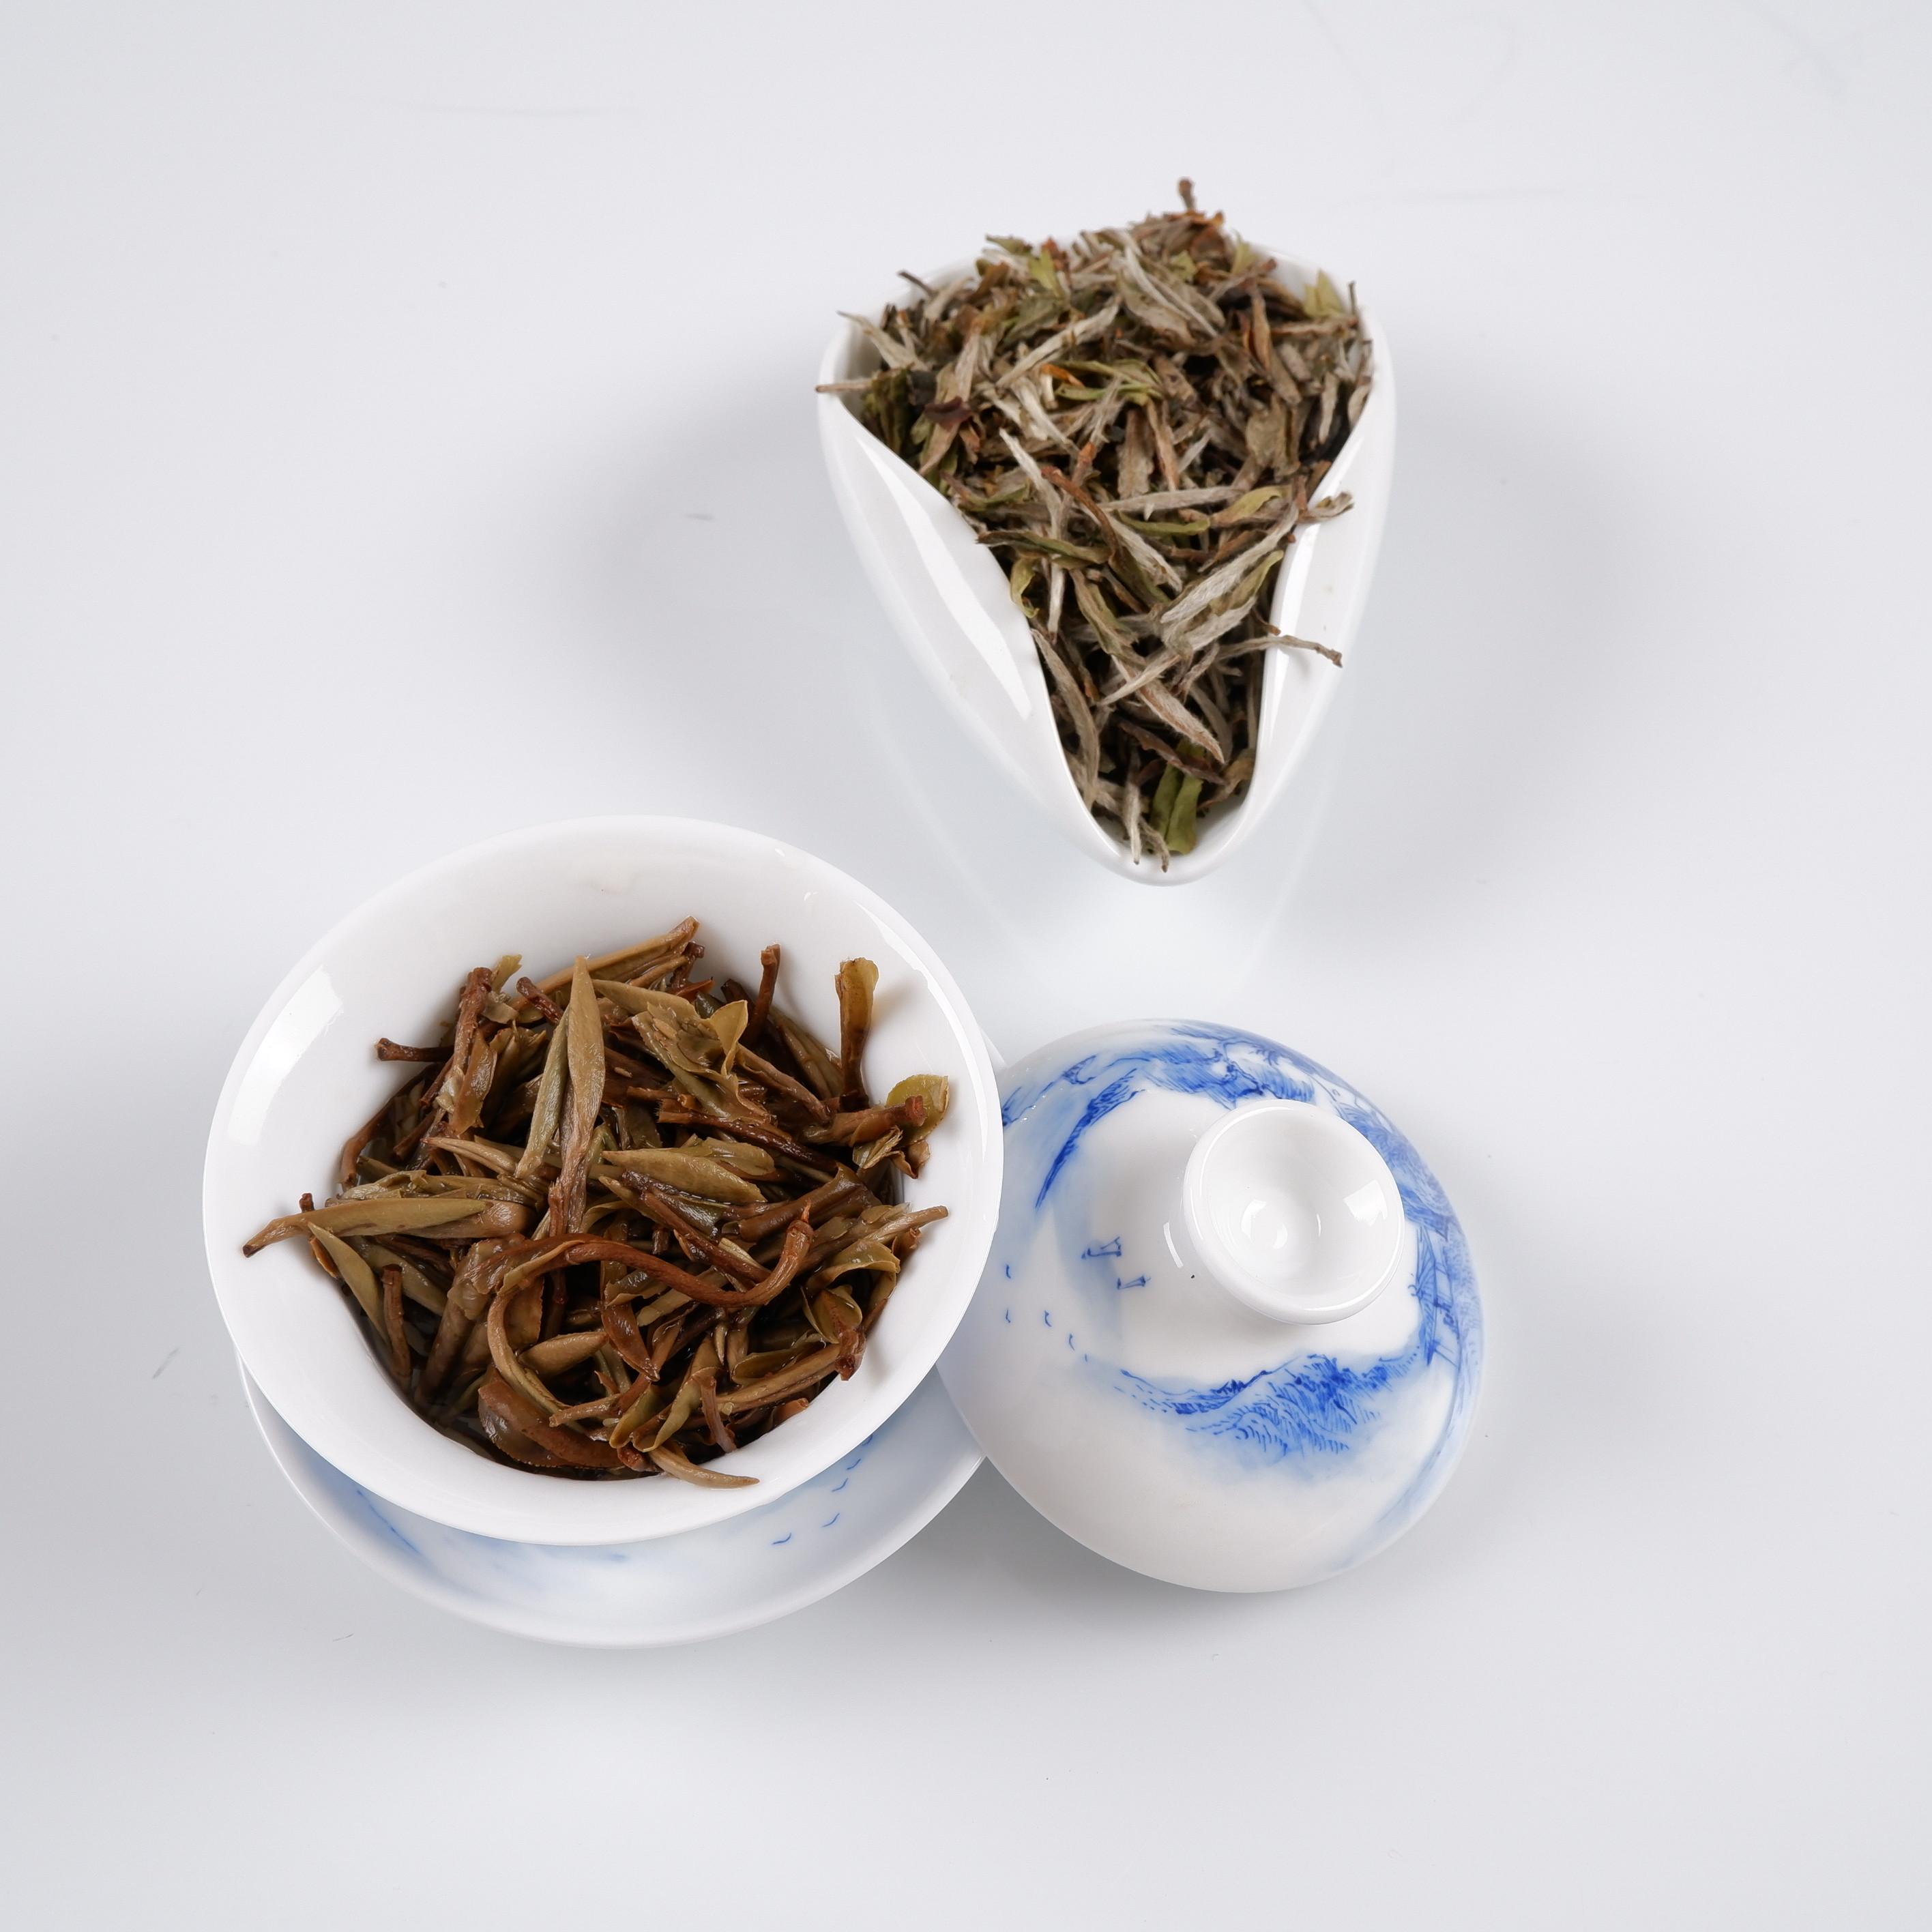 Chinese Aged 2015 White Tea Cake Baimudan Tea Cake - 4uTea | 4uTea.com